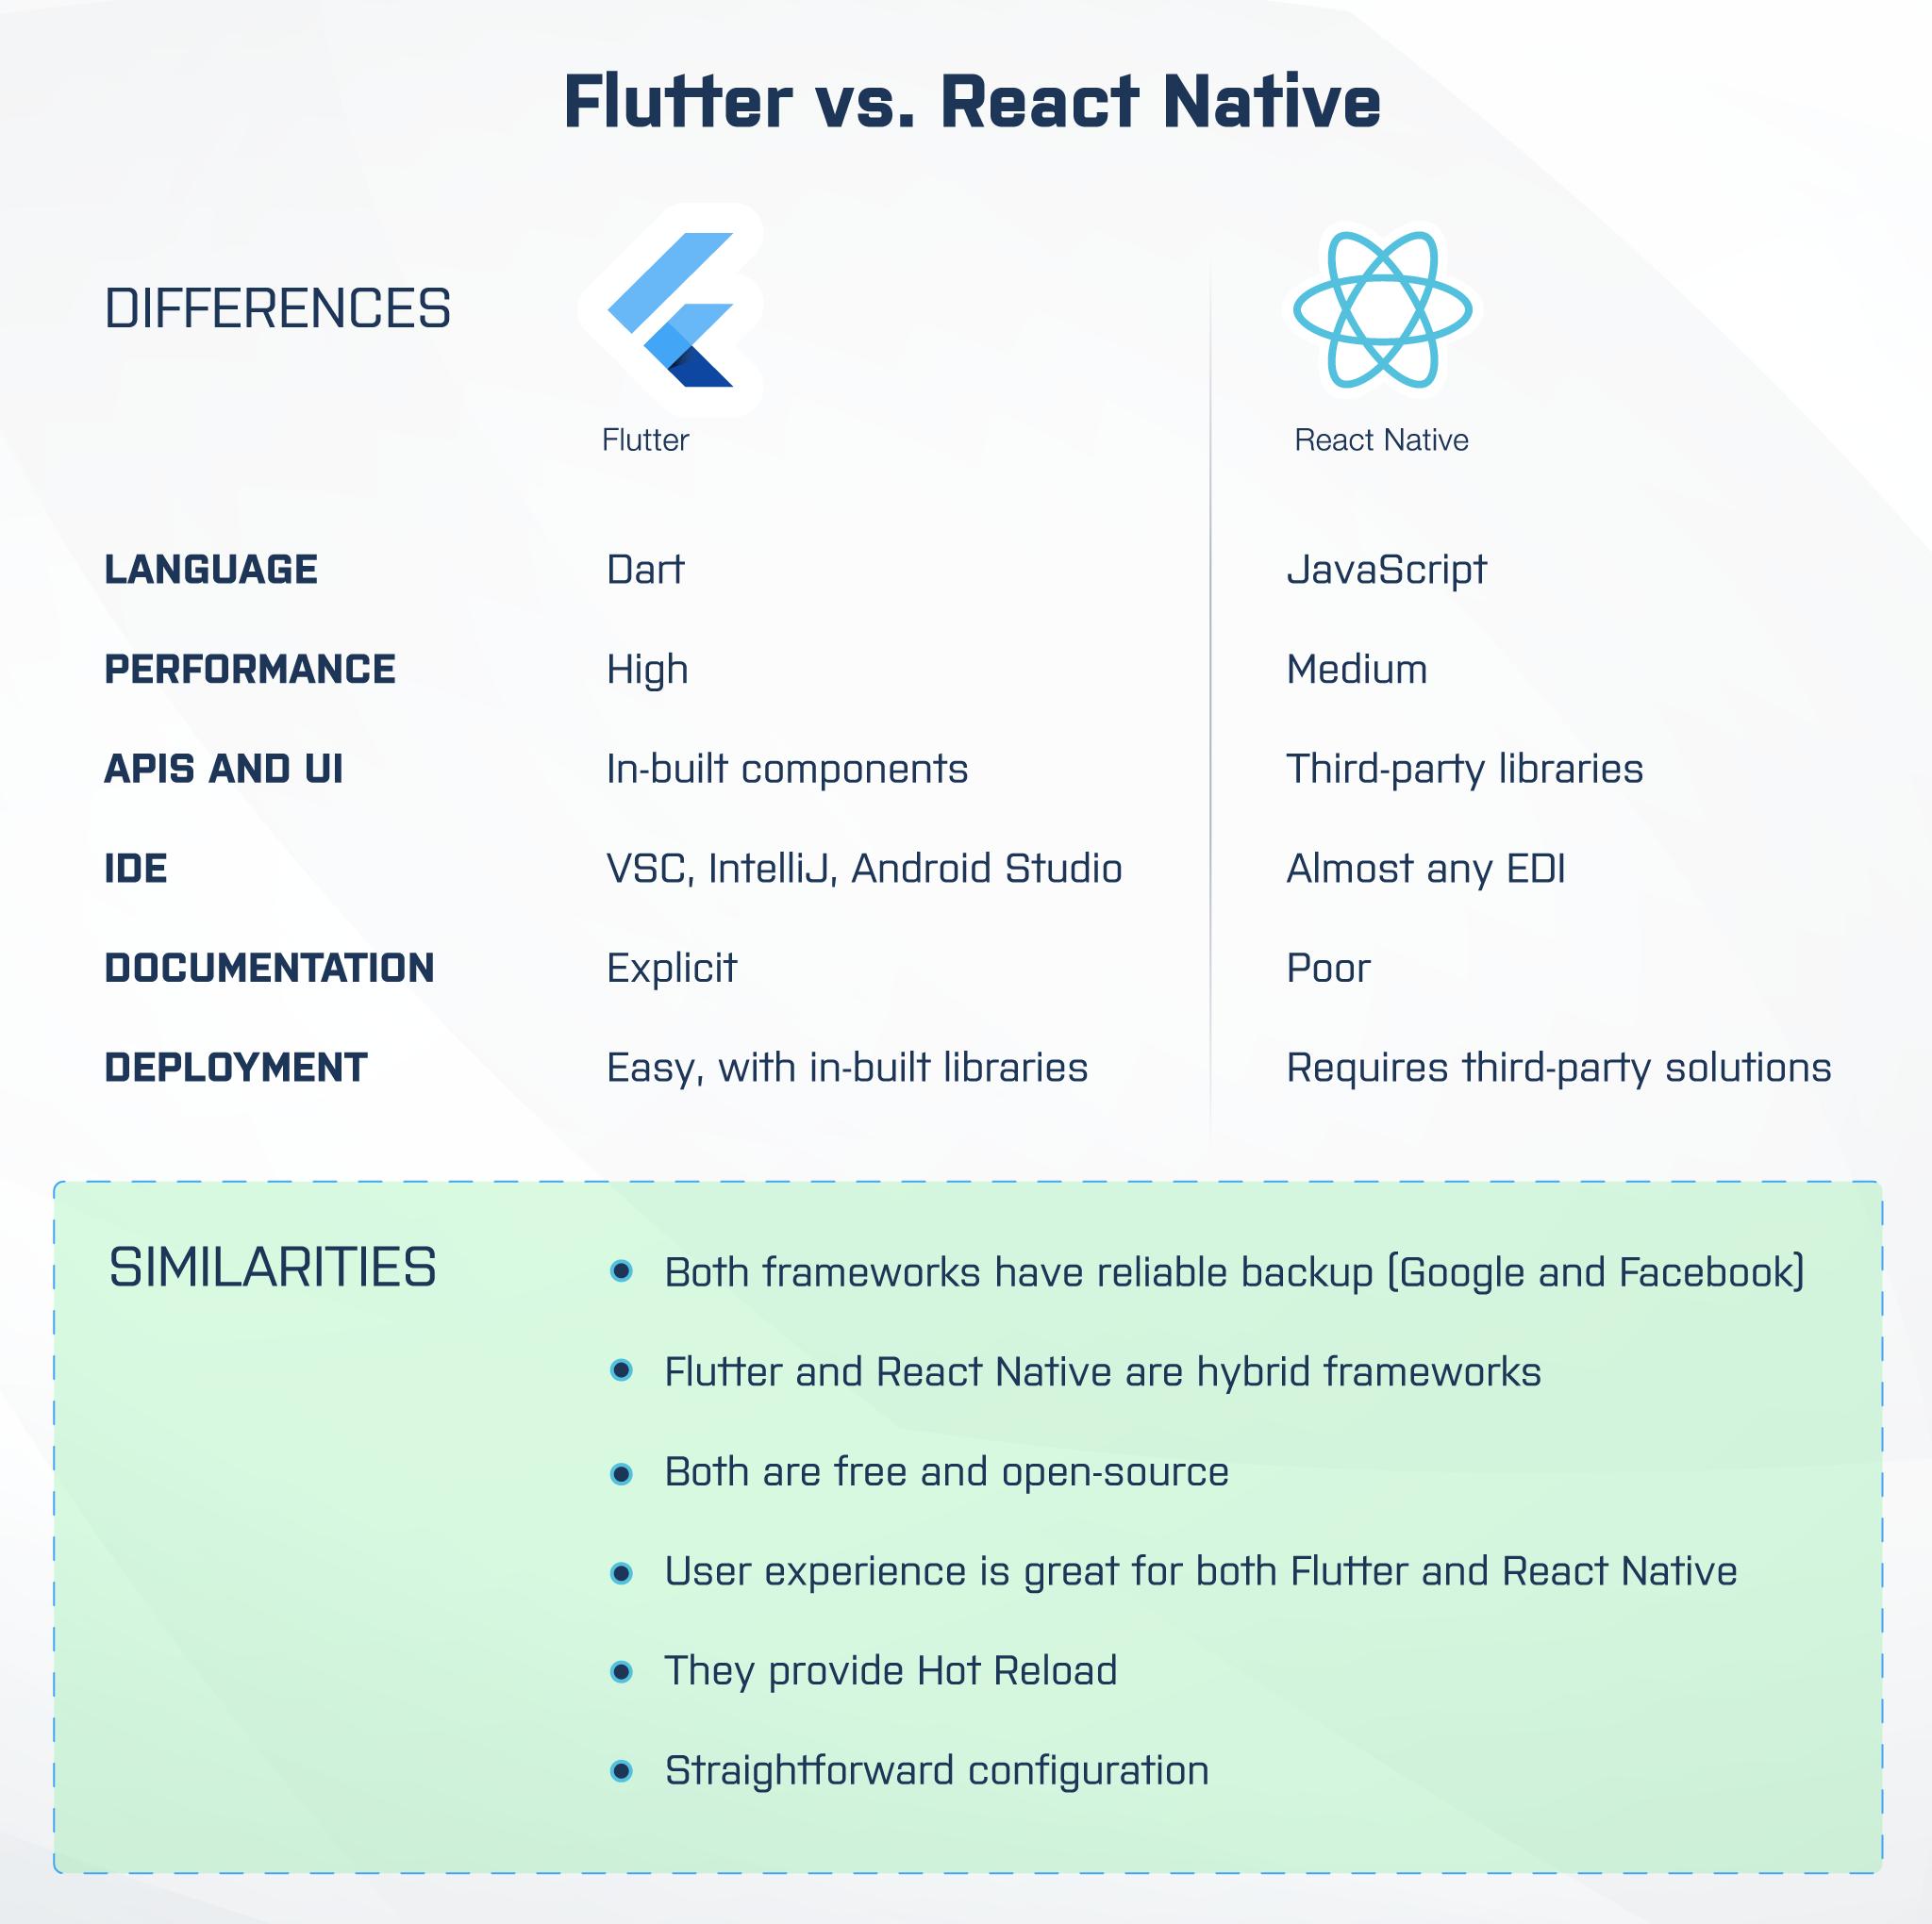 react native vs. flutter: comparison